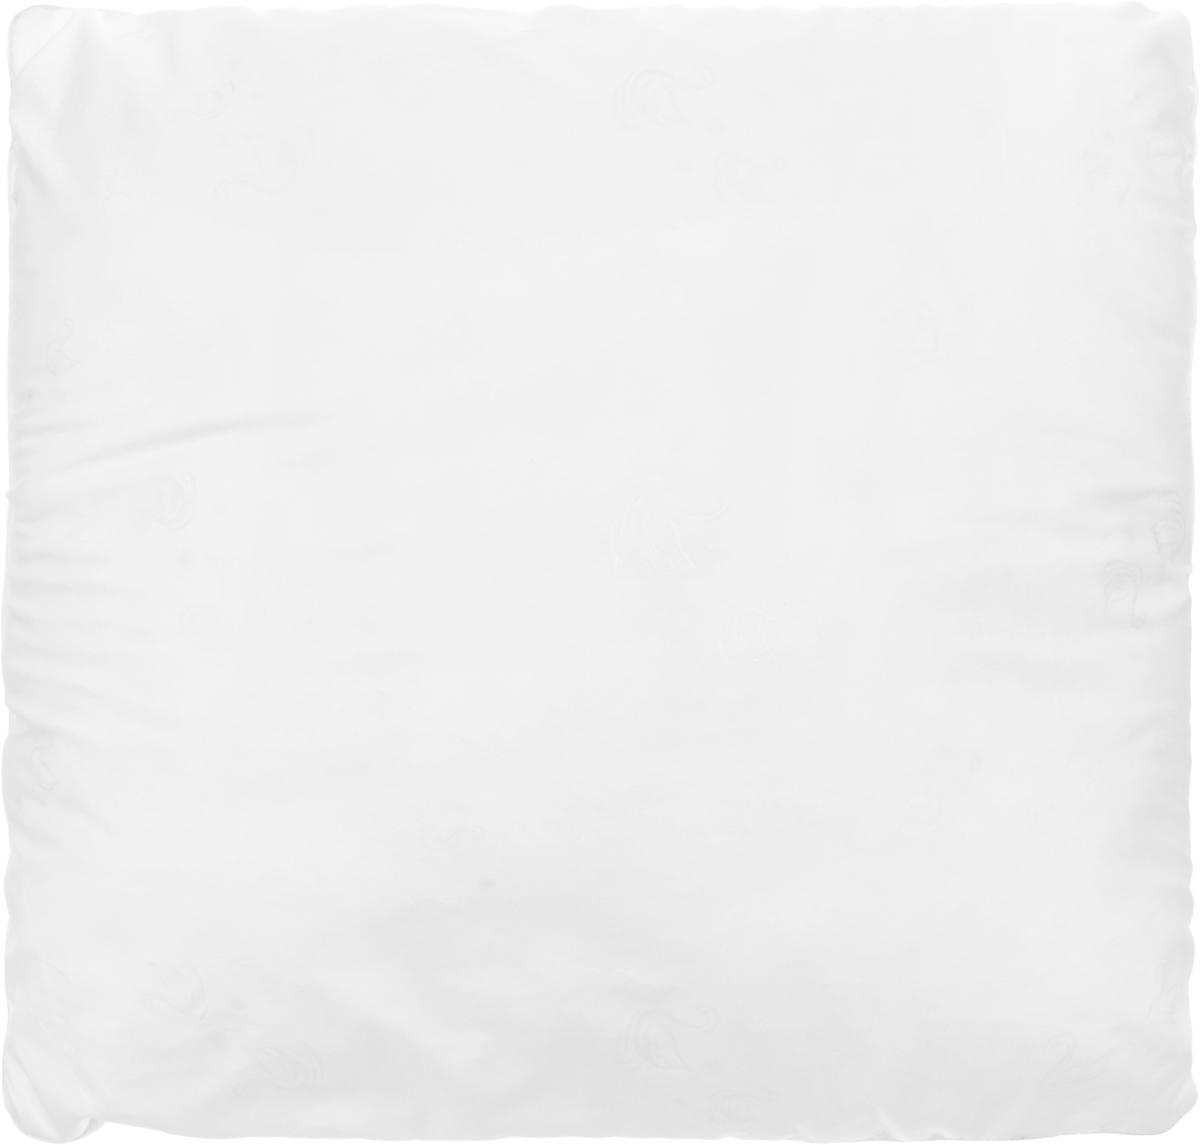 Подушка Ecotex Лебяжий пух - Комфорт, наполнитель: пух, полиэстер, 68 х 68 смES-412Подушка Ecotex Лебяжий пух - Комфорт - это удивительный комфорт и актуальный стиль. Чехол подушки выполнен из микрофибры (100% полиэстер). Наполнитель - микроволокно DownFill (Лебяжий пух, полиэстер). Подушка имеет классическую квадратную форму и изысканный внешний вид. Важные потребительские свойства подушки Ecotex Лебяжий пух - Комфорт:- дарит тепло, позволяя телу дышать;- мягкость;- эластичность;- легкость;- гипоаллергенность;- легко стирается, быстро сохнет; - сохраняя свои первоначальные свойства и форму;- эффект кожи персика.Оптимальный микроклимат во время сна, бодрость и свежесть каждого утра - это комфорт, которого вы заслуживаете!